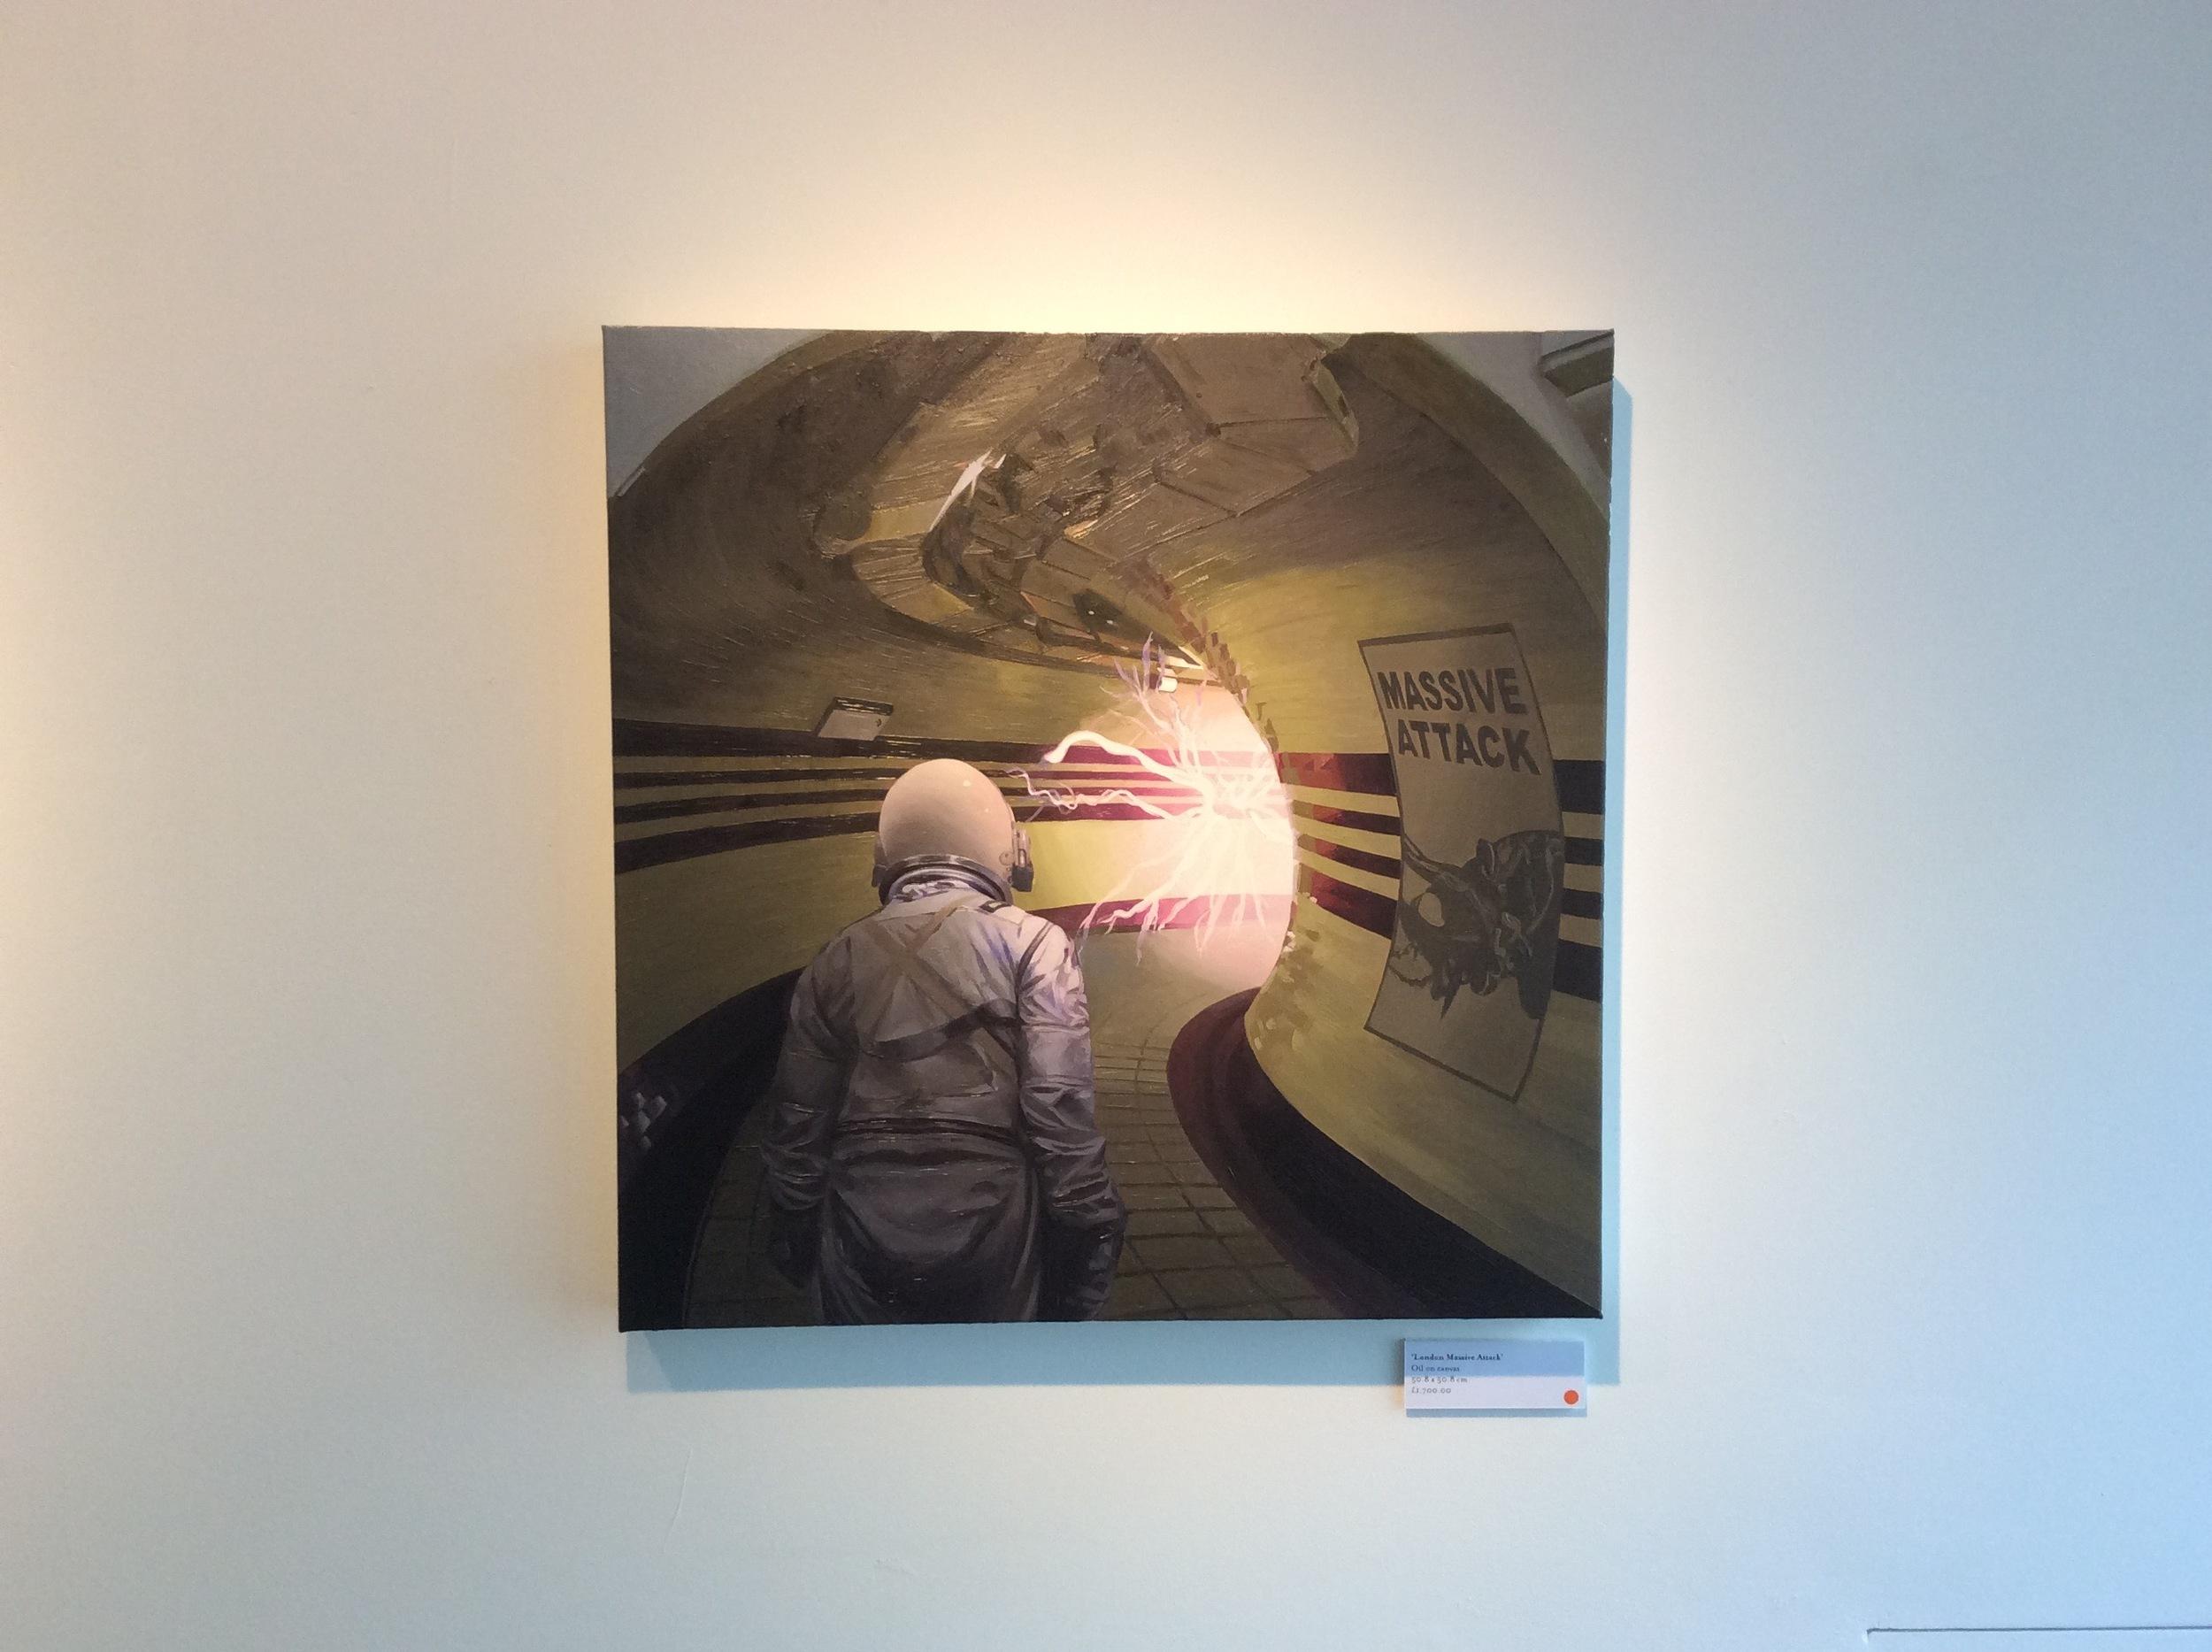 Scott Listfield, London Massive Attack,  c.2016, Oil on canvas.